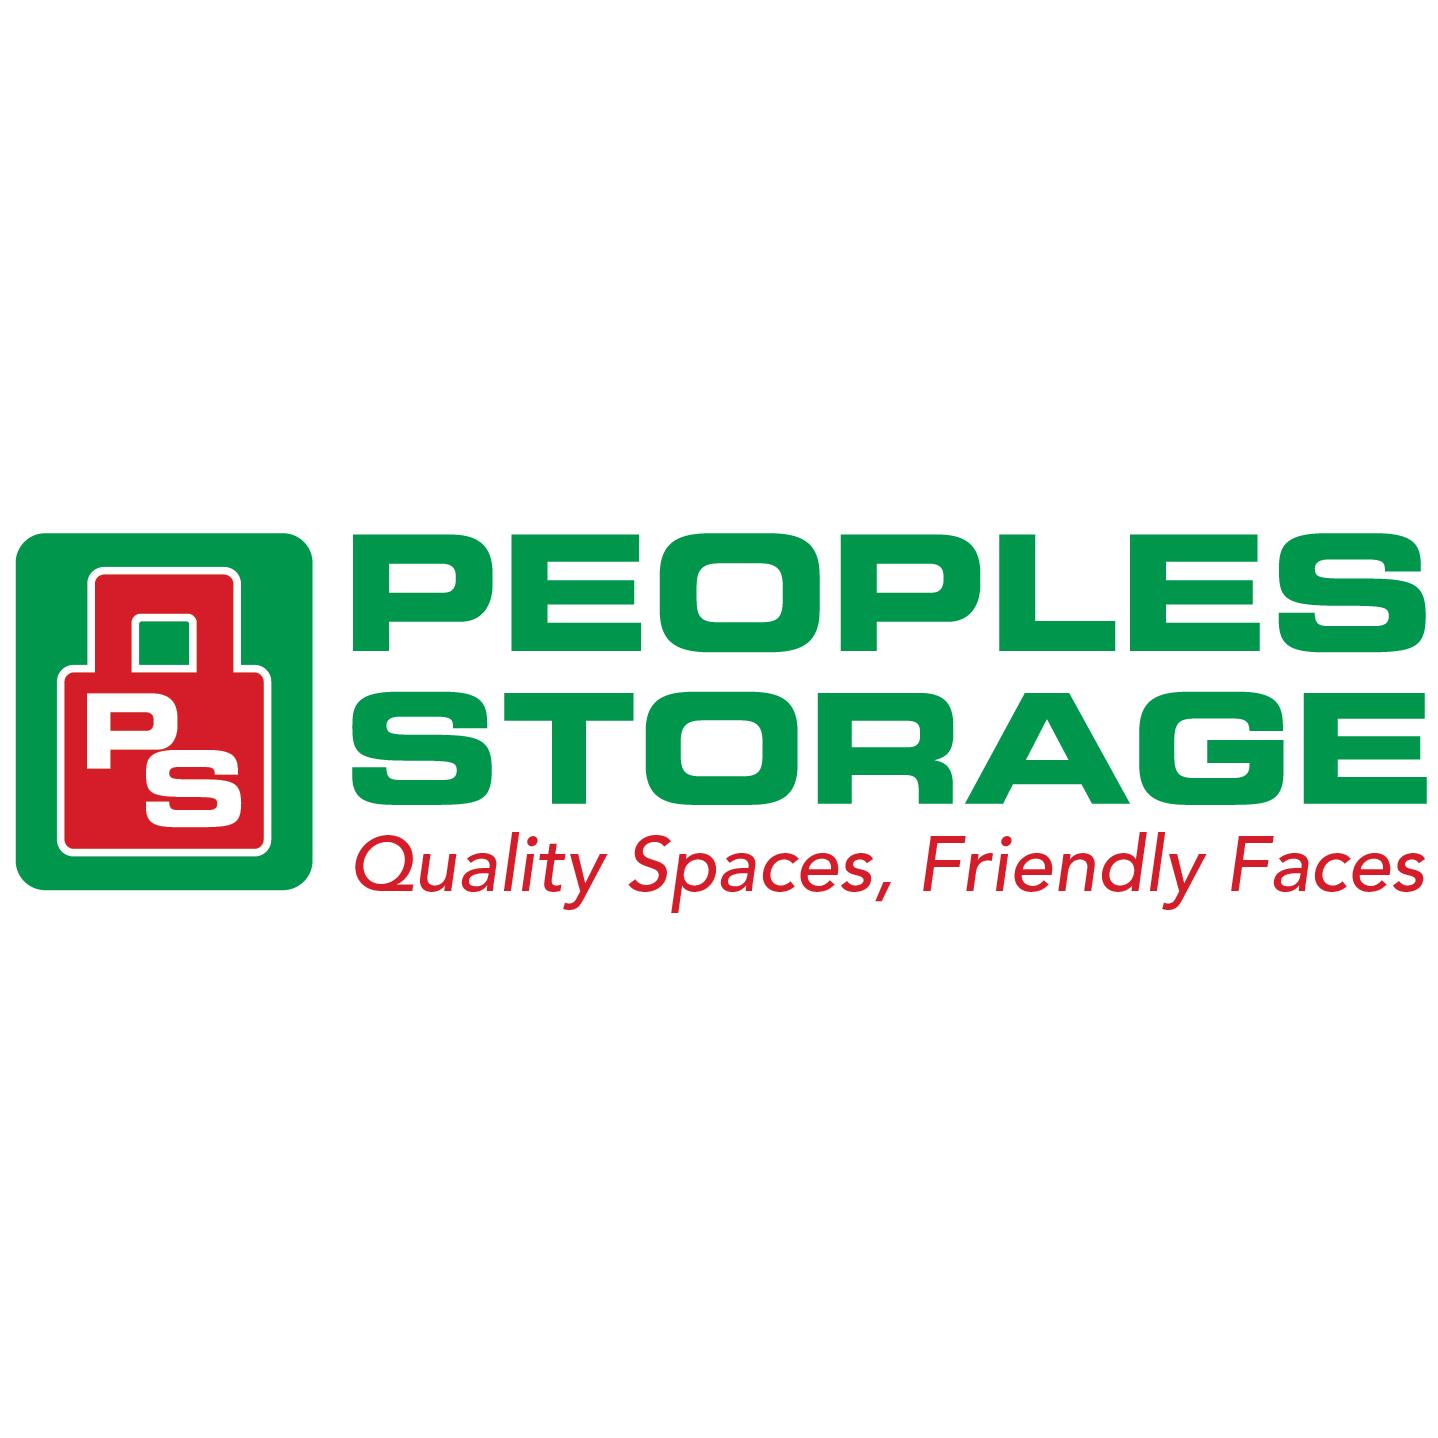 Peoples Storage